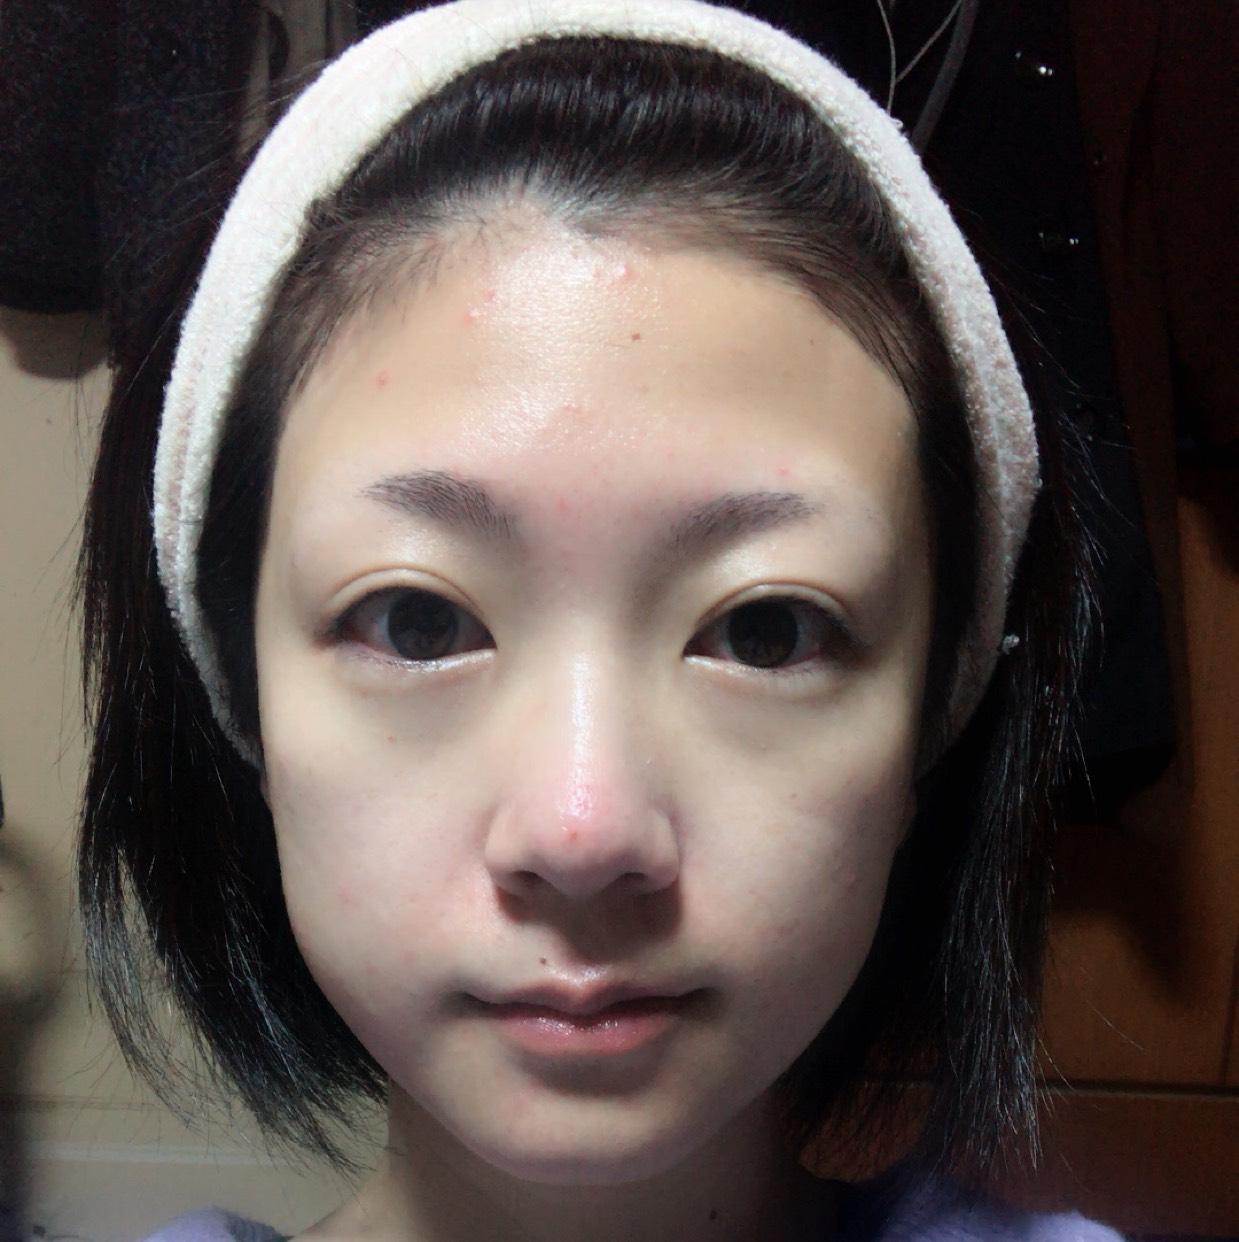 化粧水、乳液でしっかりと保湿します。